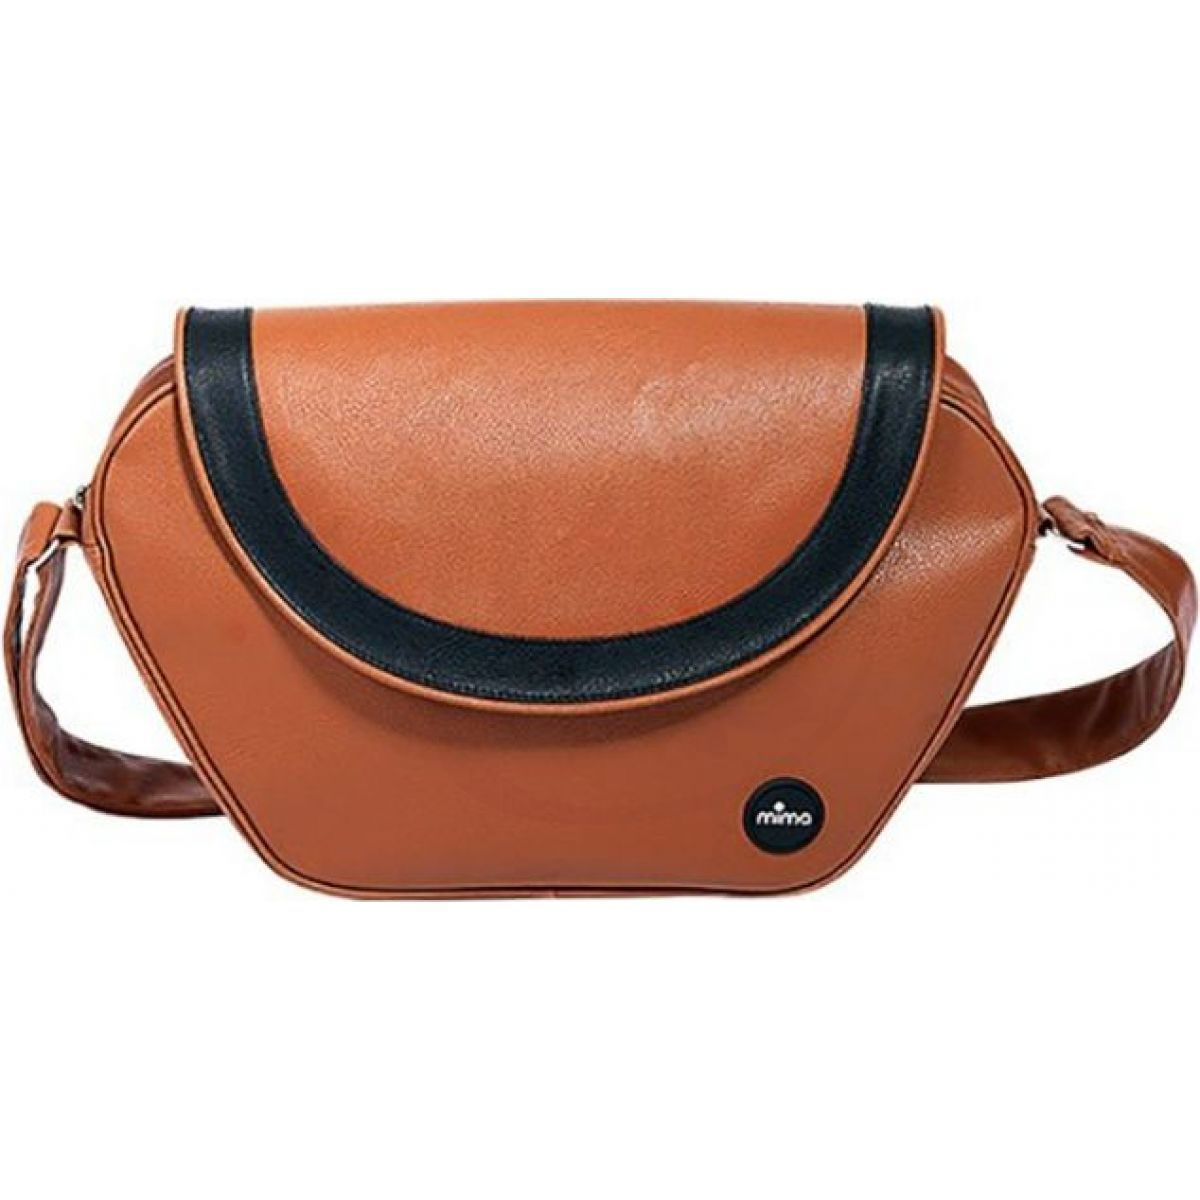 Mima Přebalovací taška Trendy Flair světle hnědá 3b42a954101